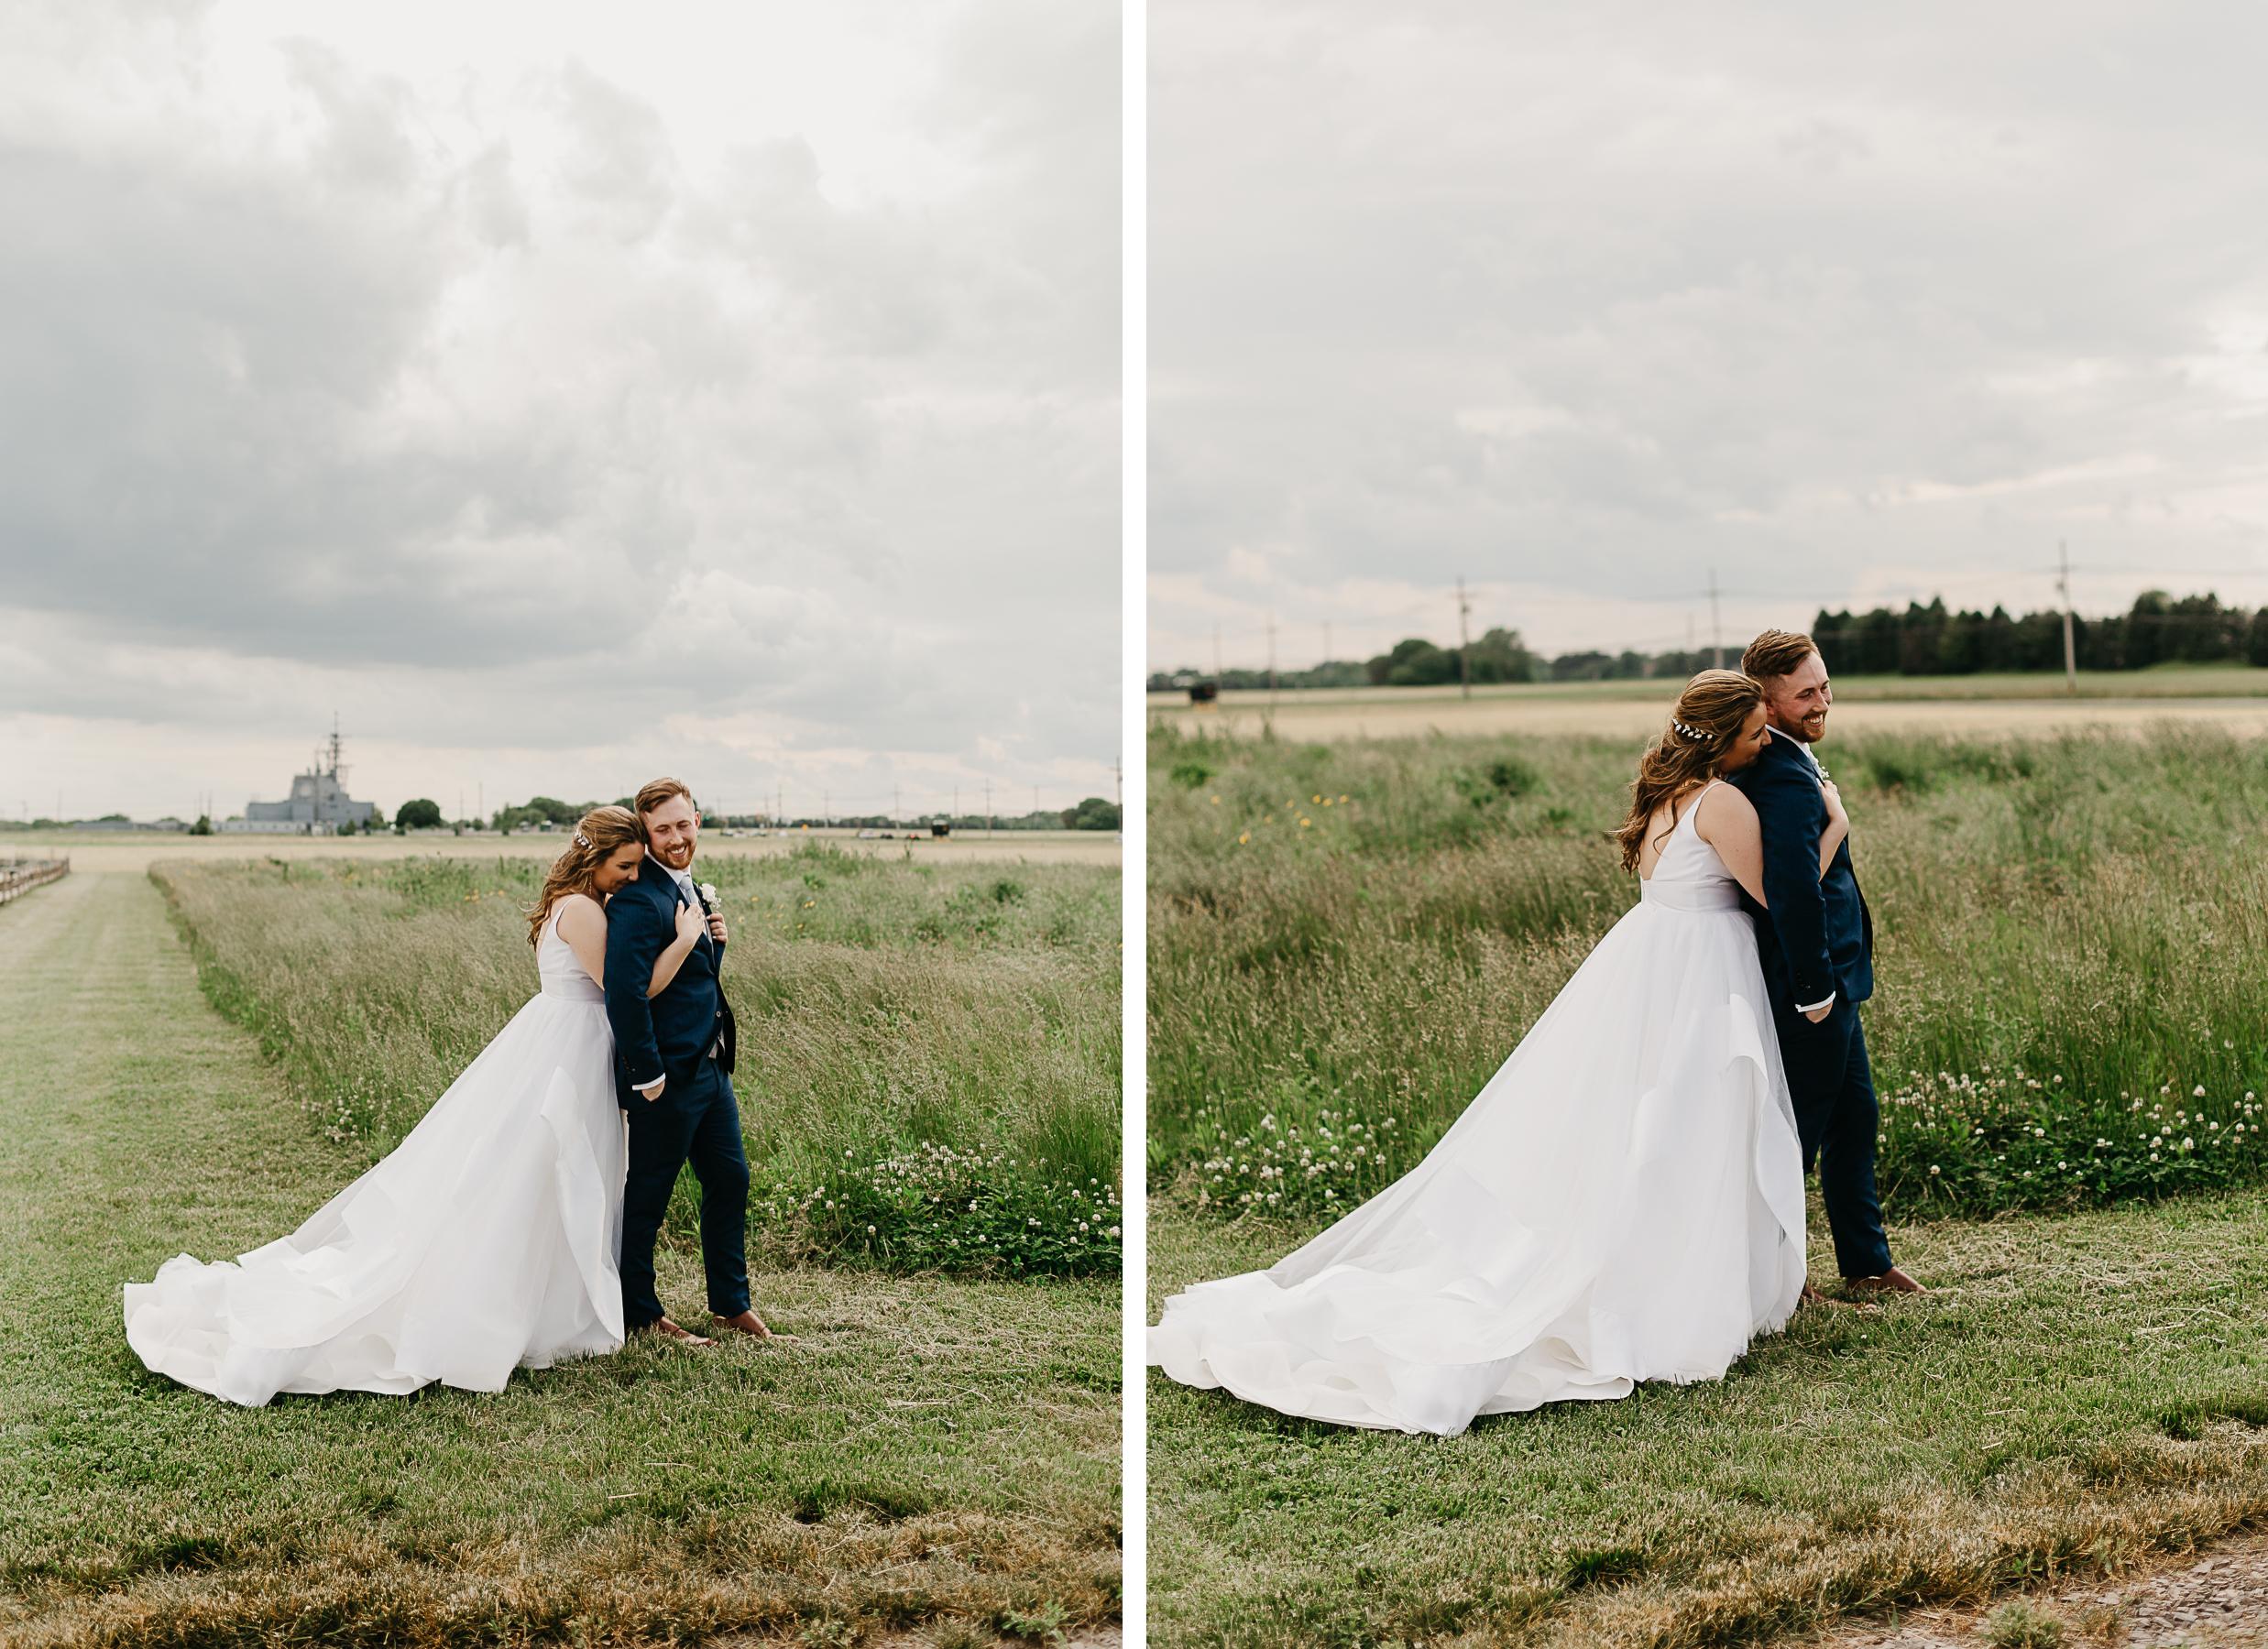 anna szczekutowicz austin wedding photographer-5.jpg